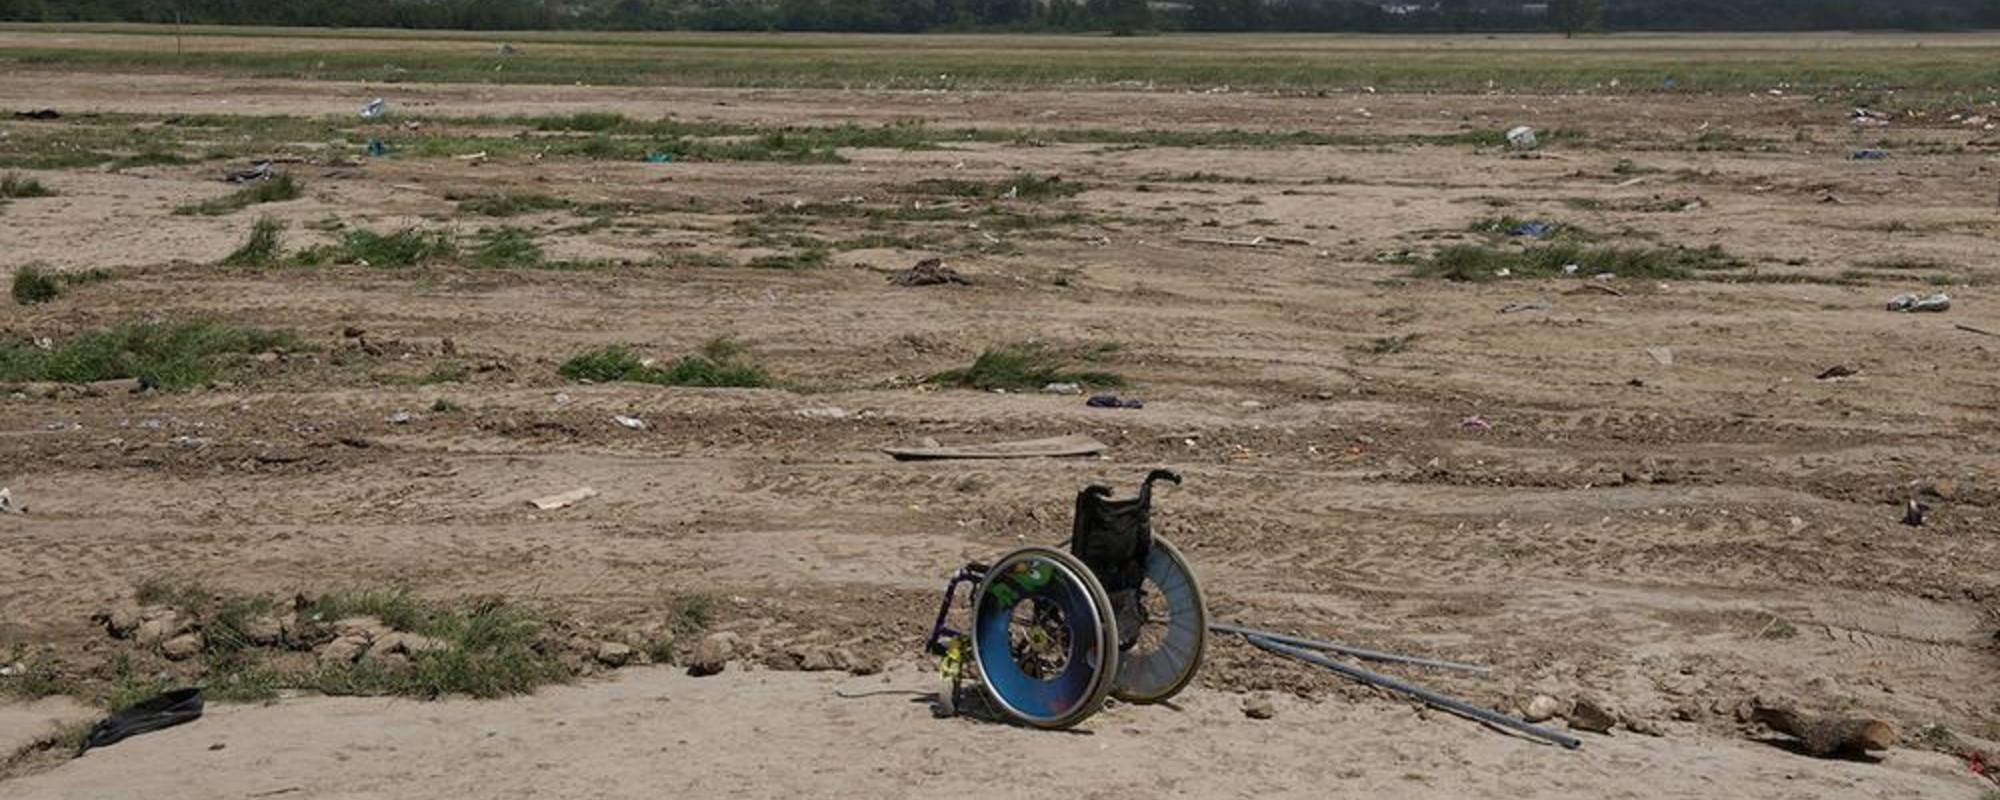 O que resta do campo de Idomeni depois da evacuação dos refugiados